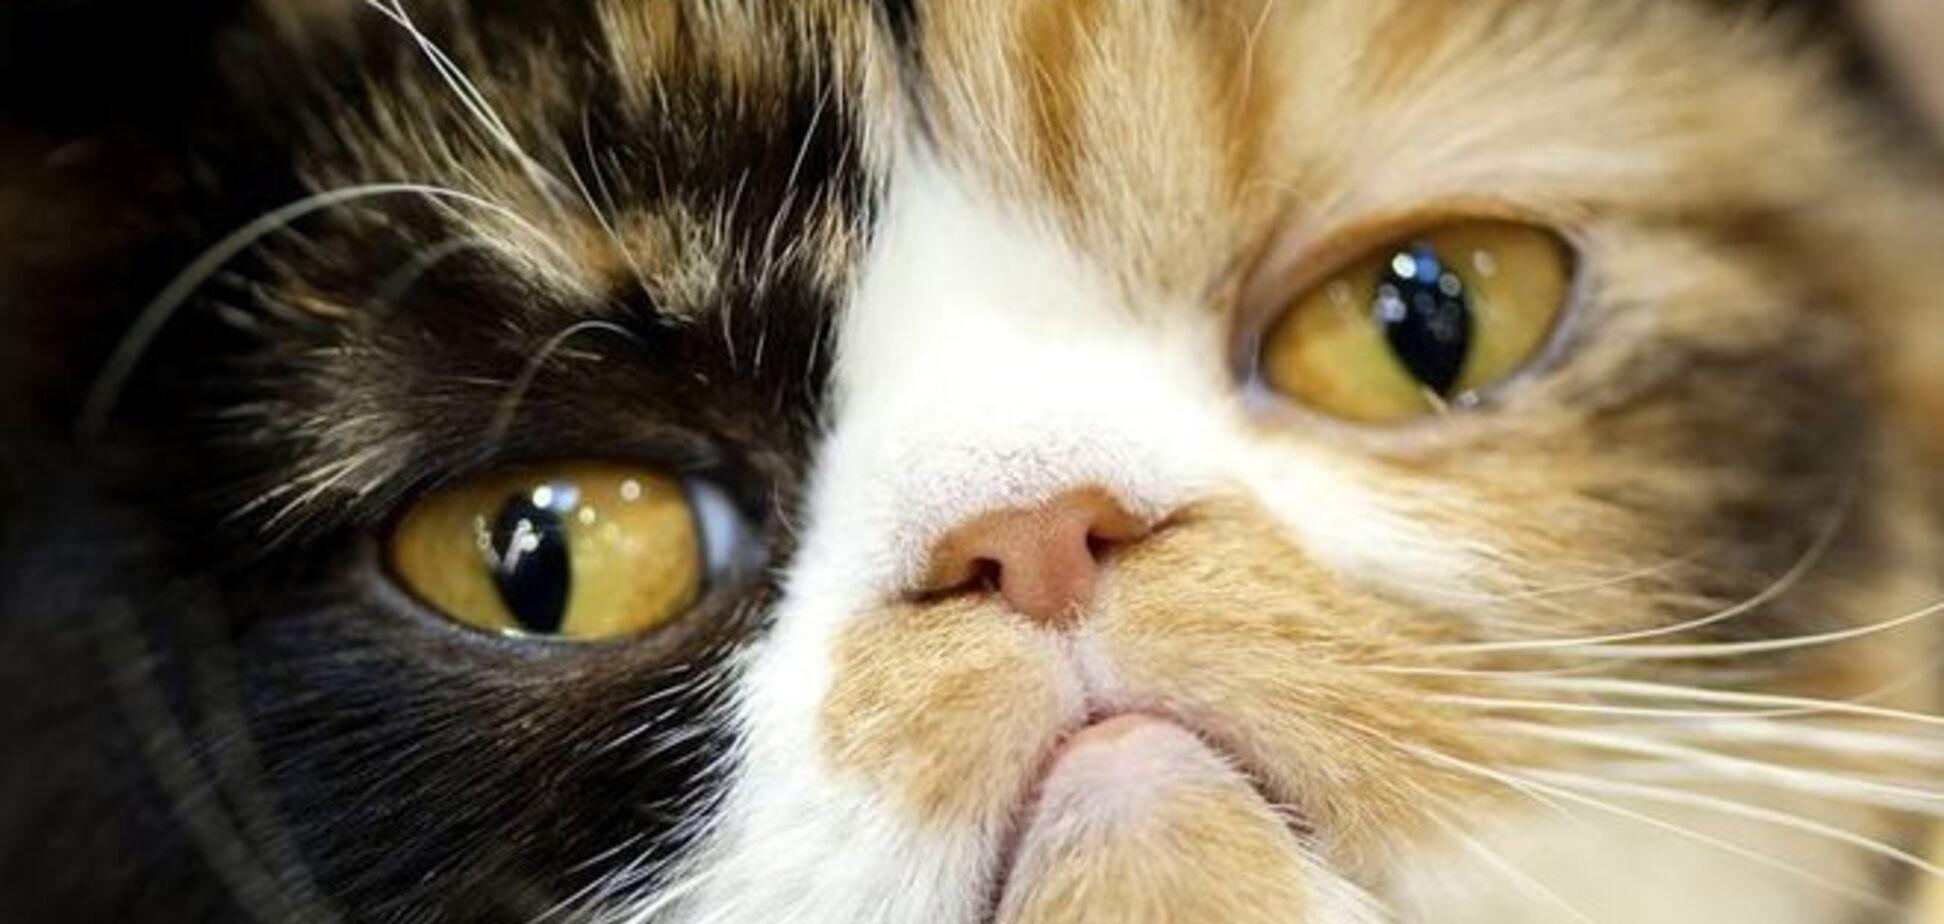 20 смешных кошек, которые пожалели, что сделали пакость